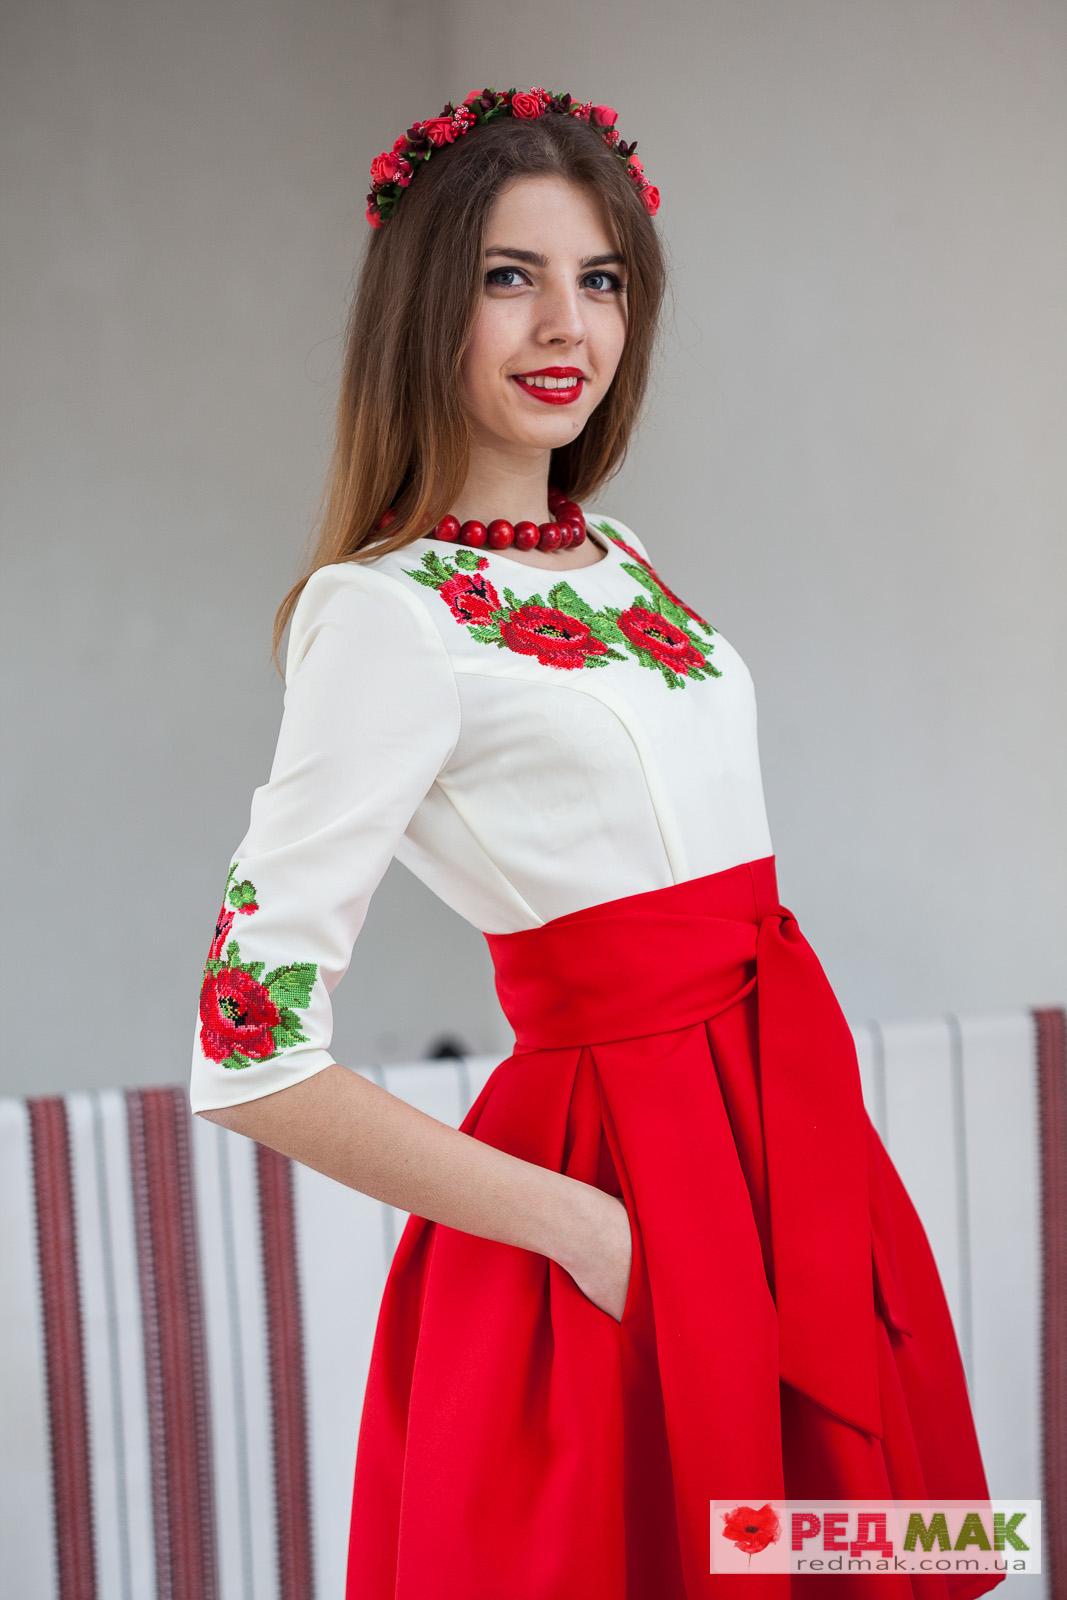 2959d04cb82271 Червоне плаття з кишенями · поясом і вишитими червоними трояндами